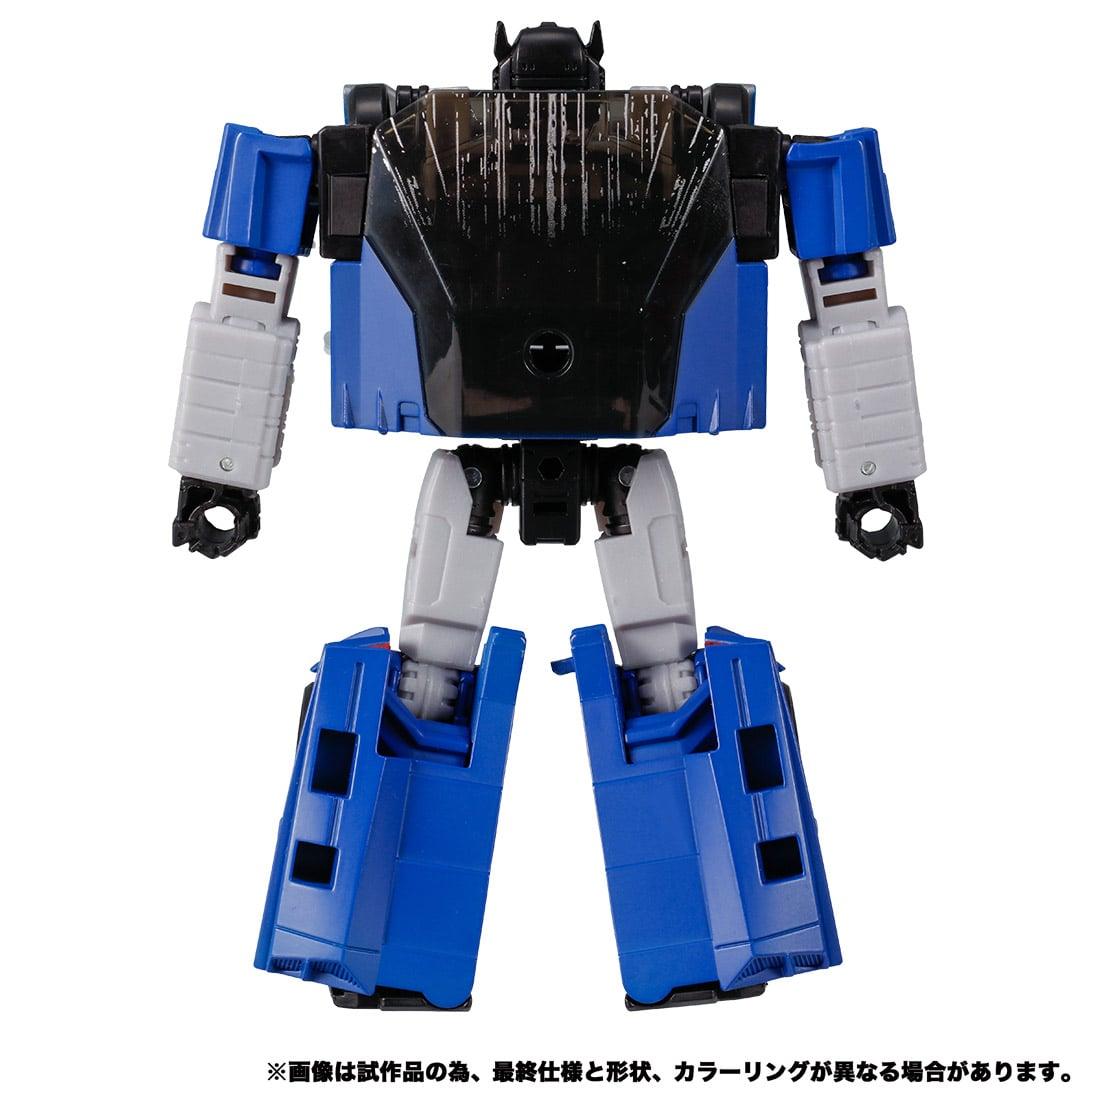 トランスフォーマー ウォーフォーサイバトロン『WFC-17 ディープカバー』可変可動フィギュア-002